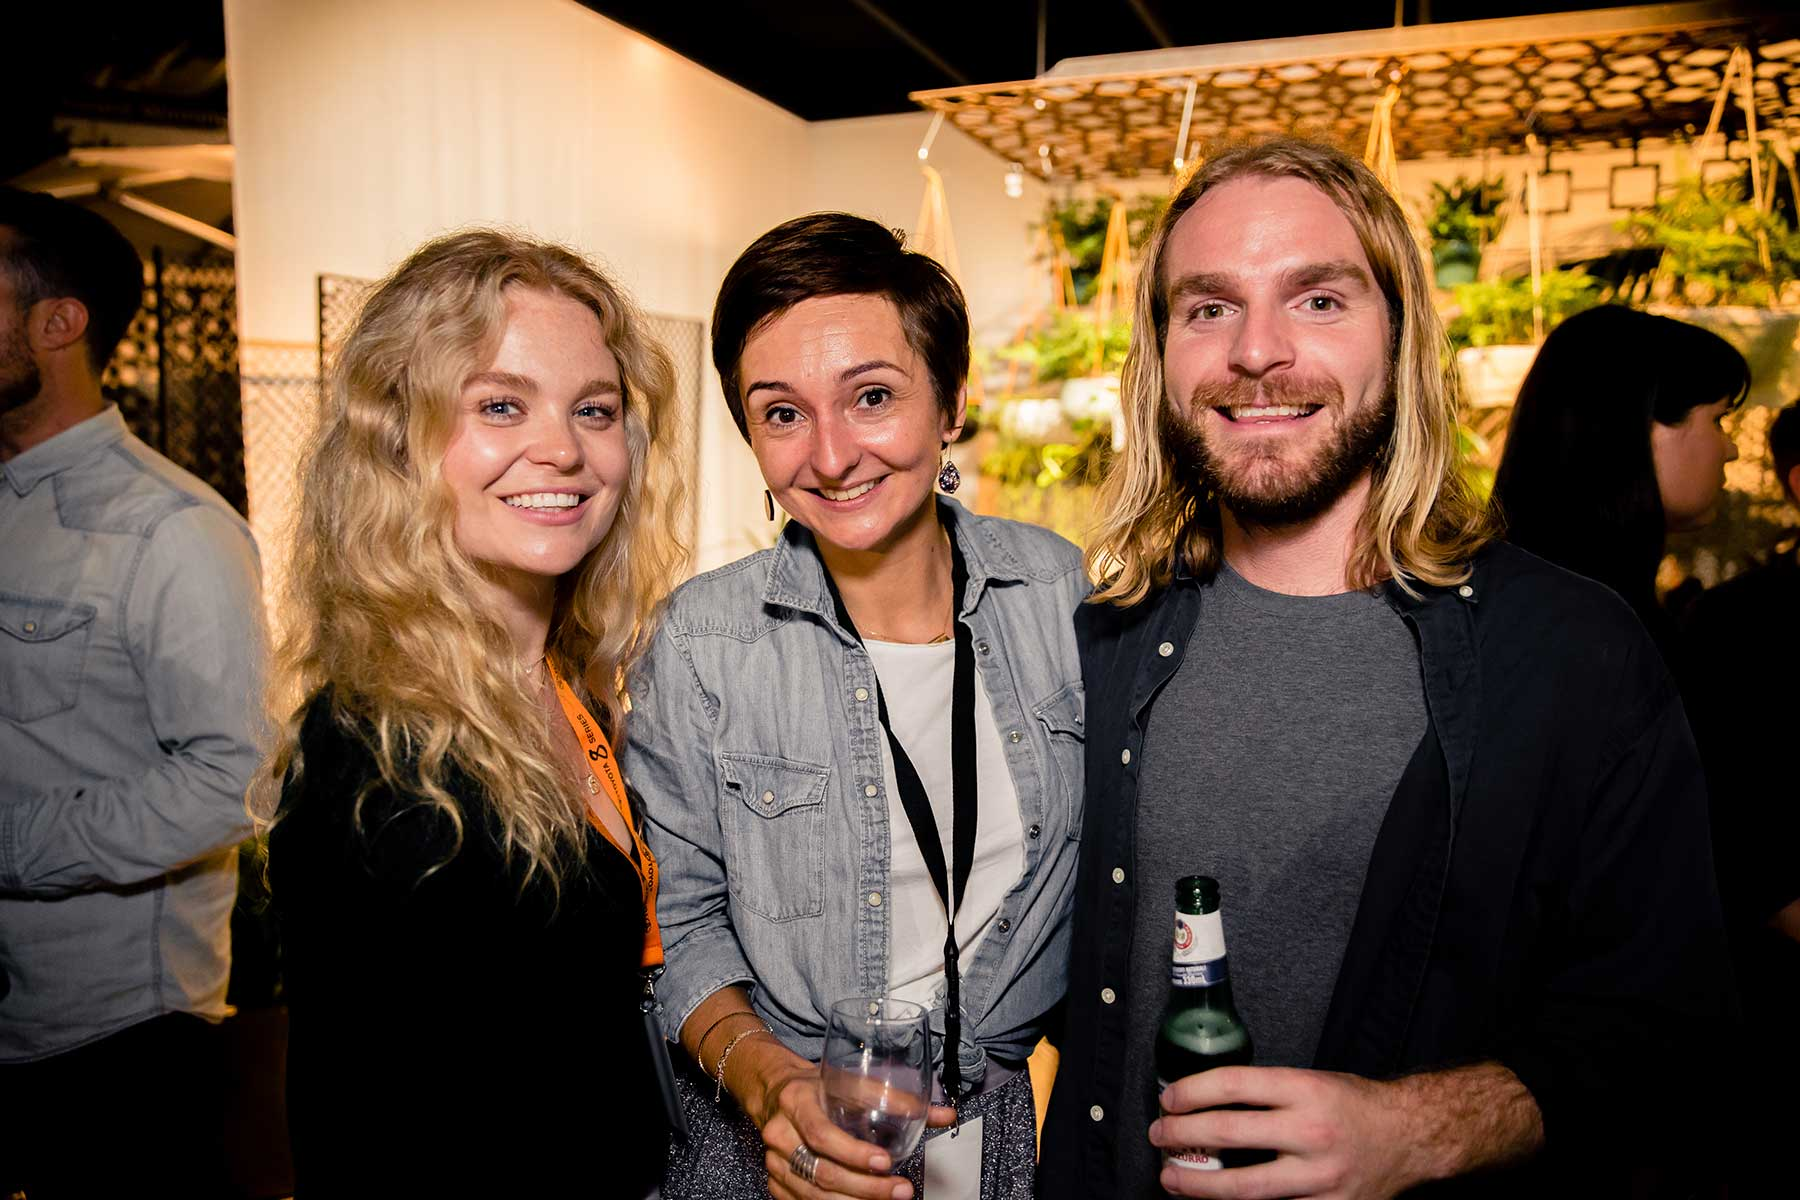 Olivia Tuivaga from Houzz, Caroline Edwards from Armadillo and Hamish Chapman from ARD